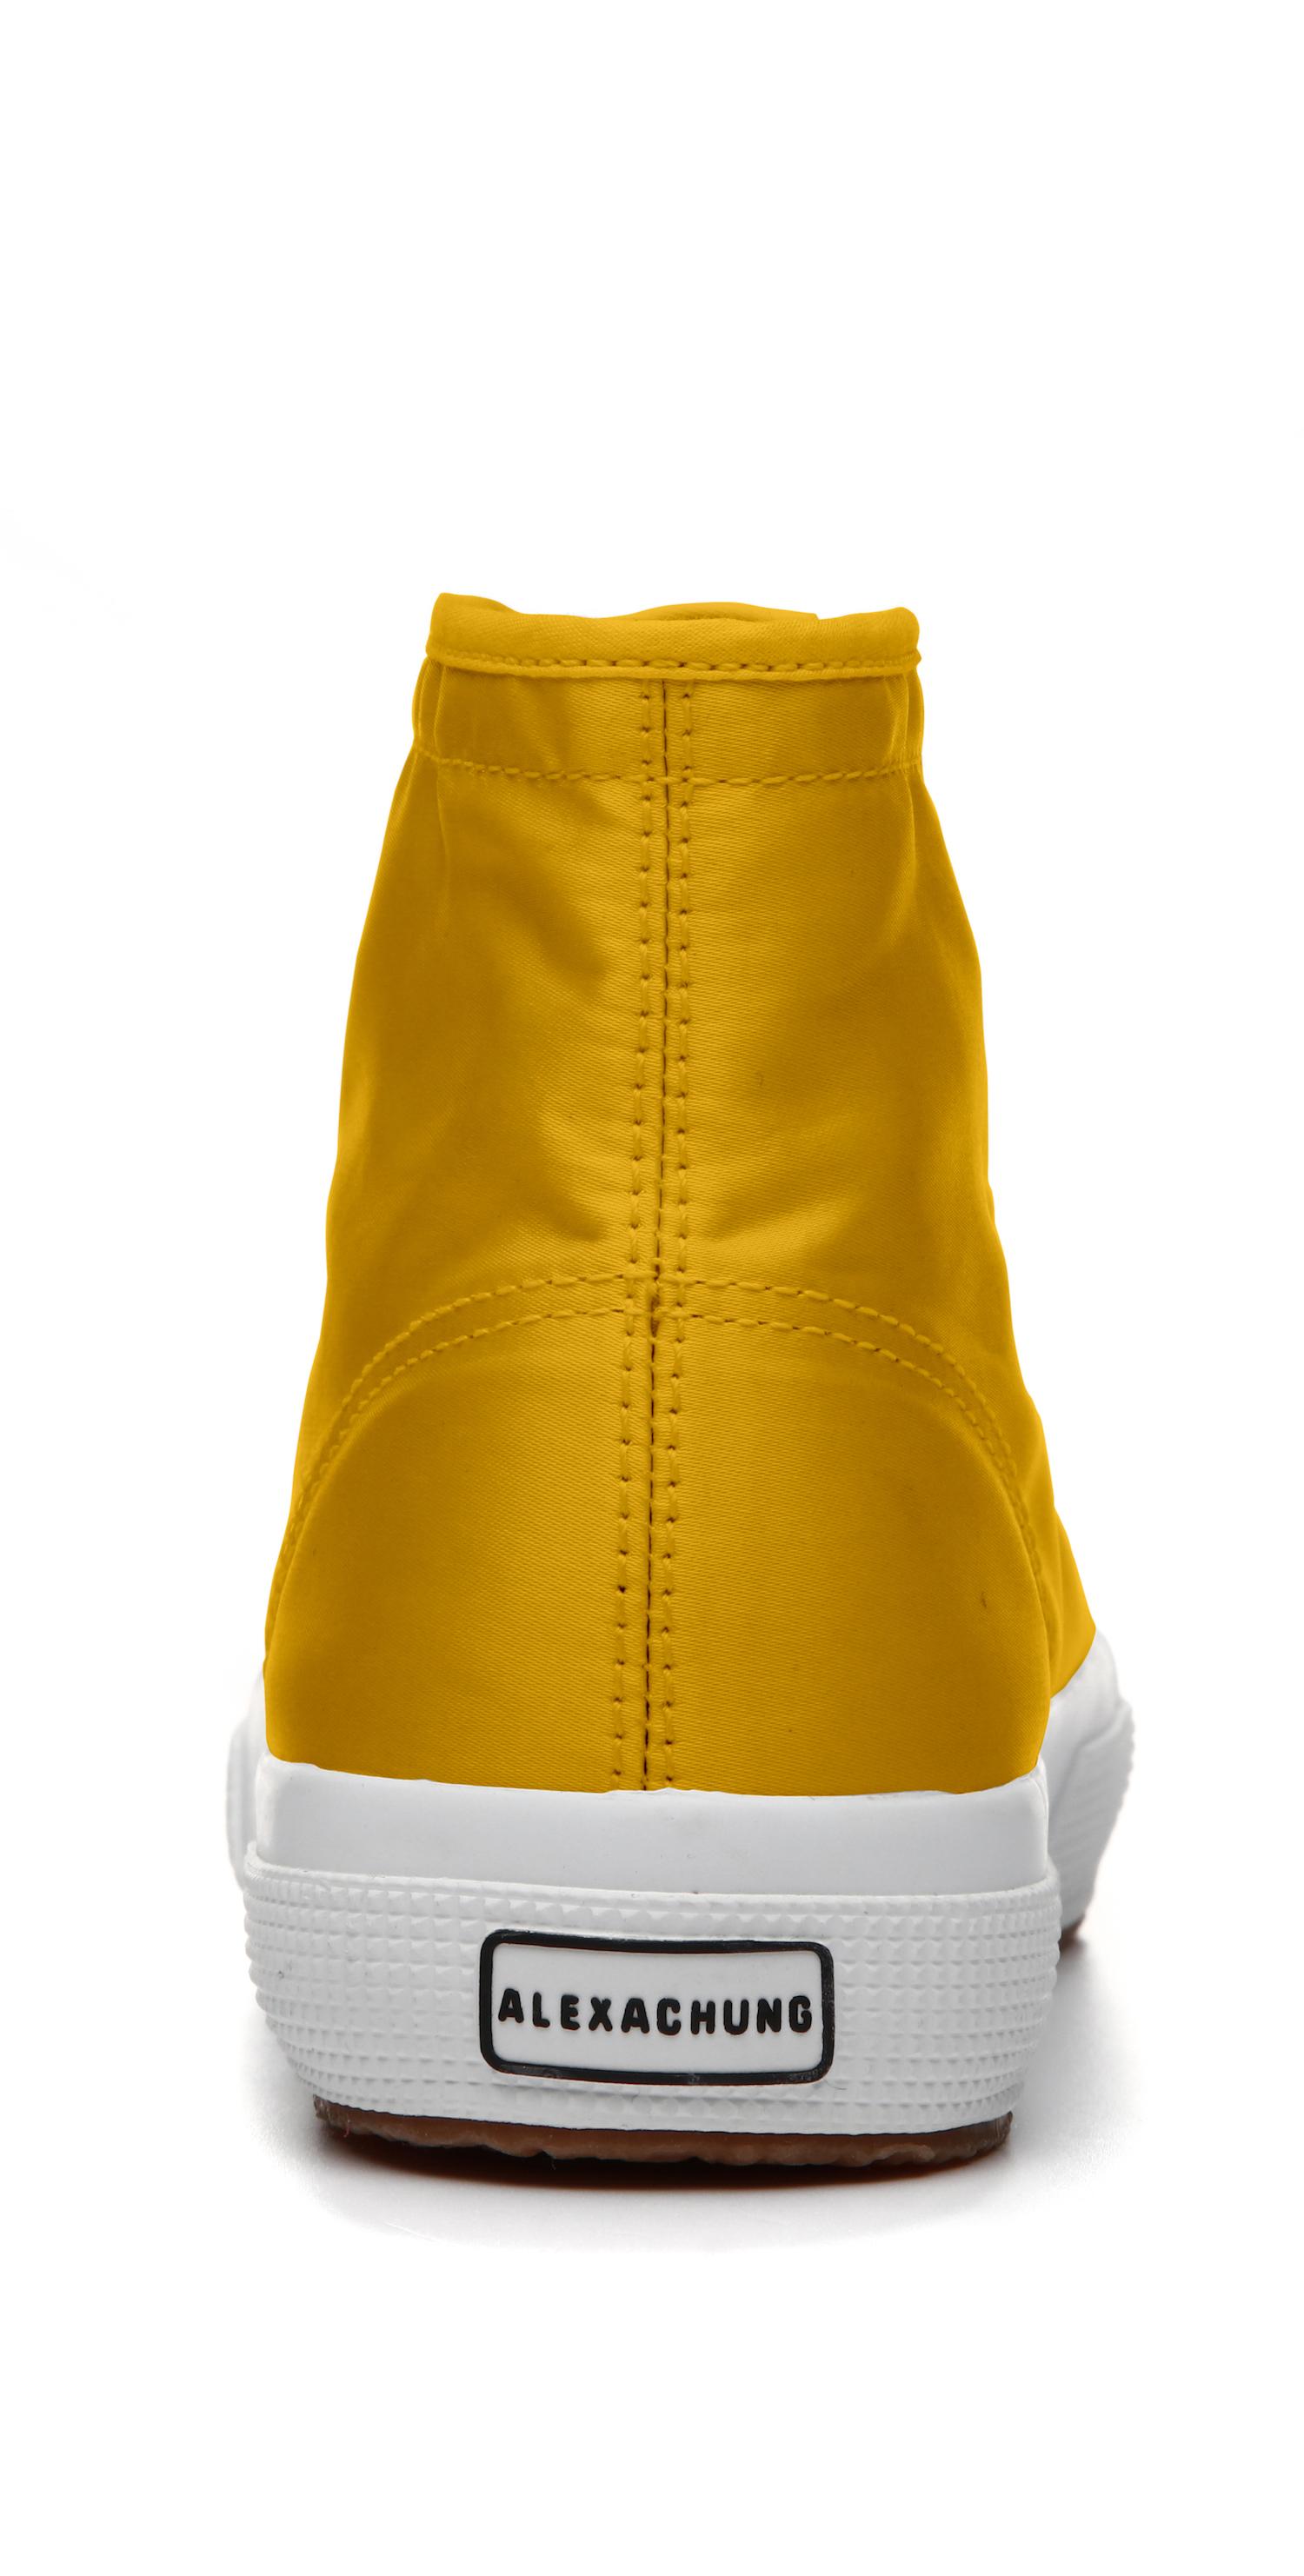 2493 - Yellow Mustard ($139.90)